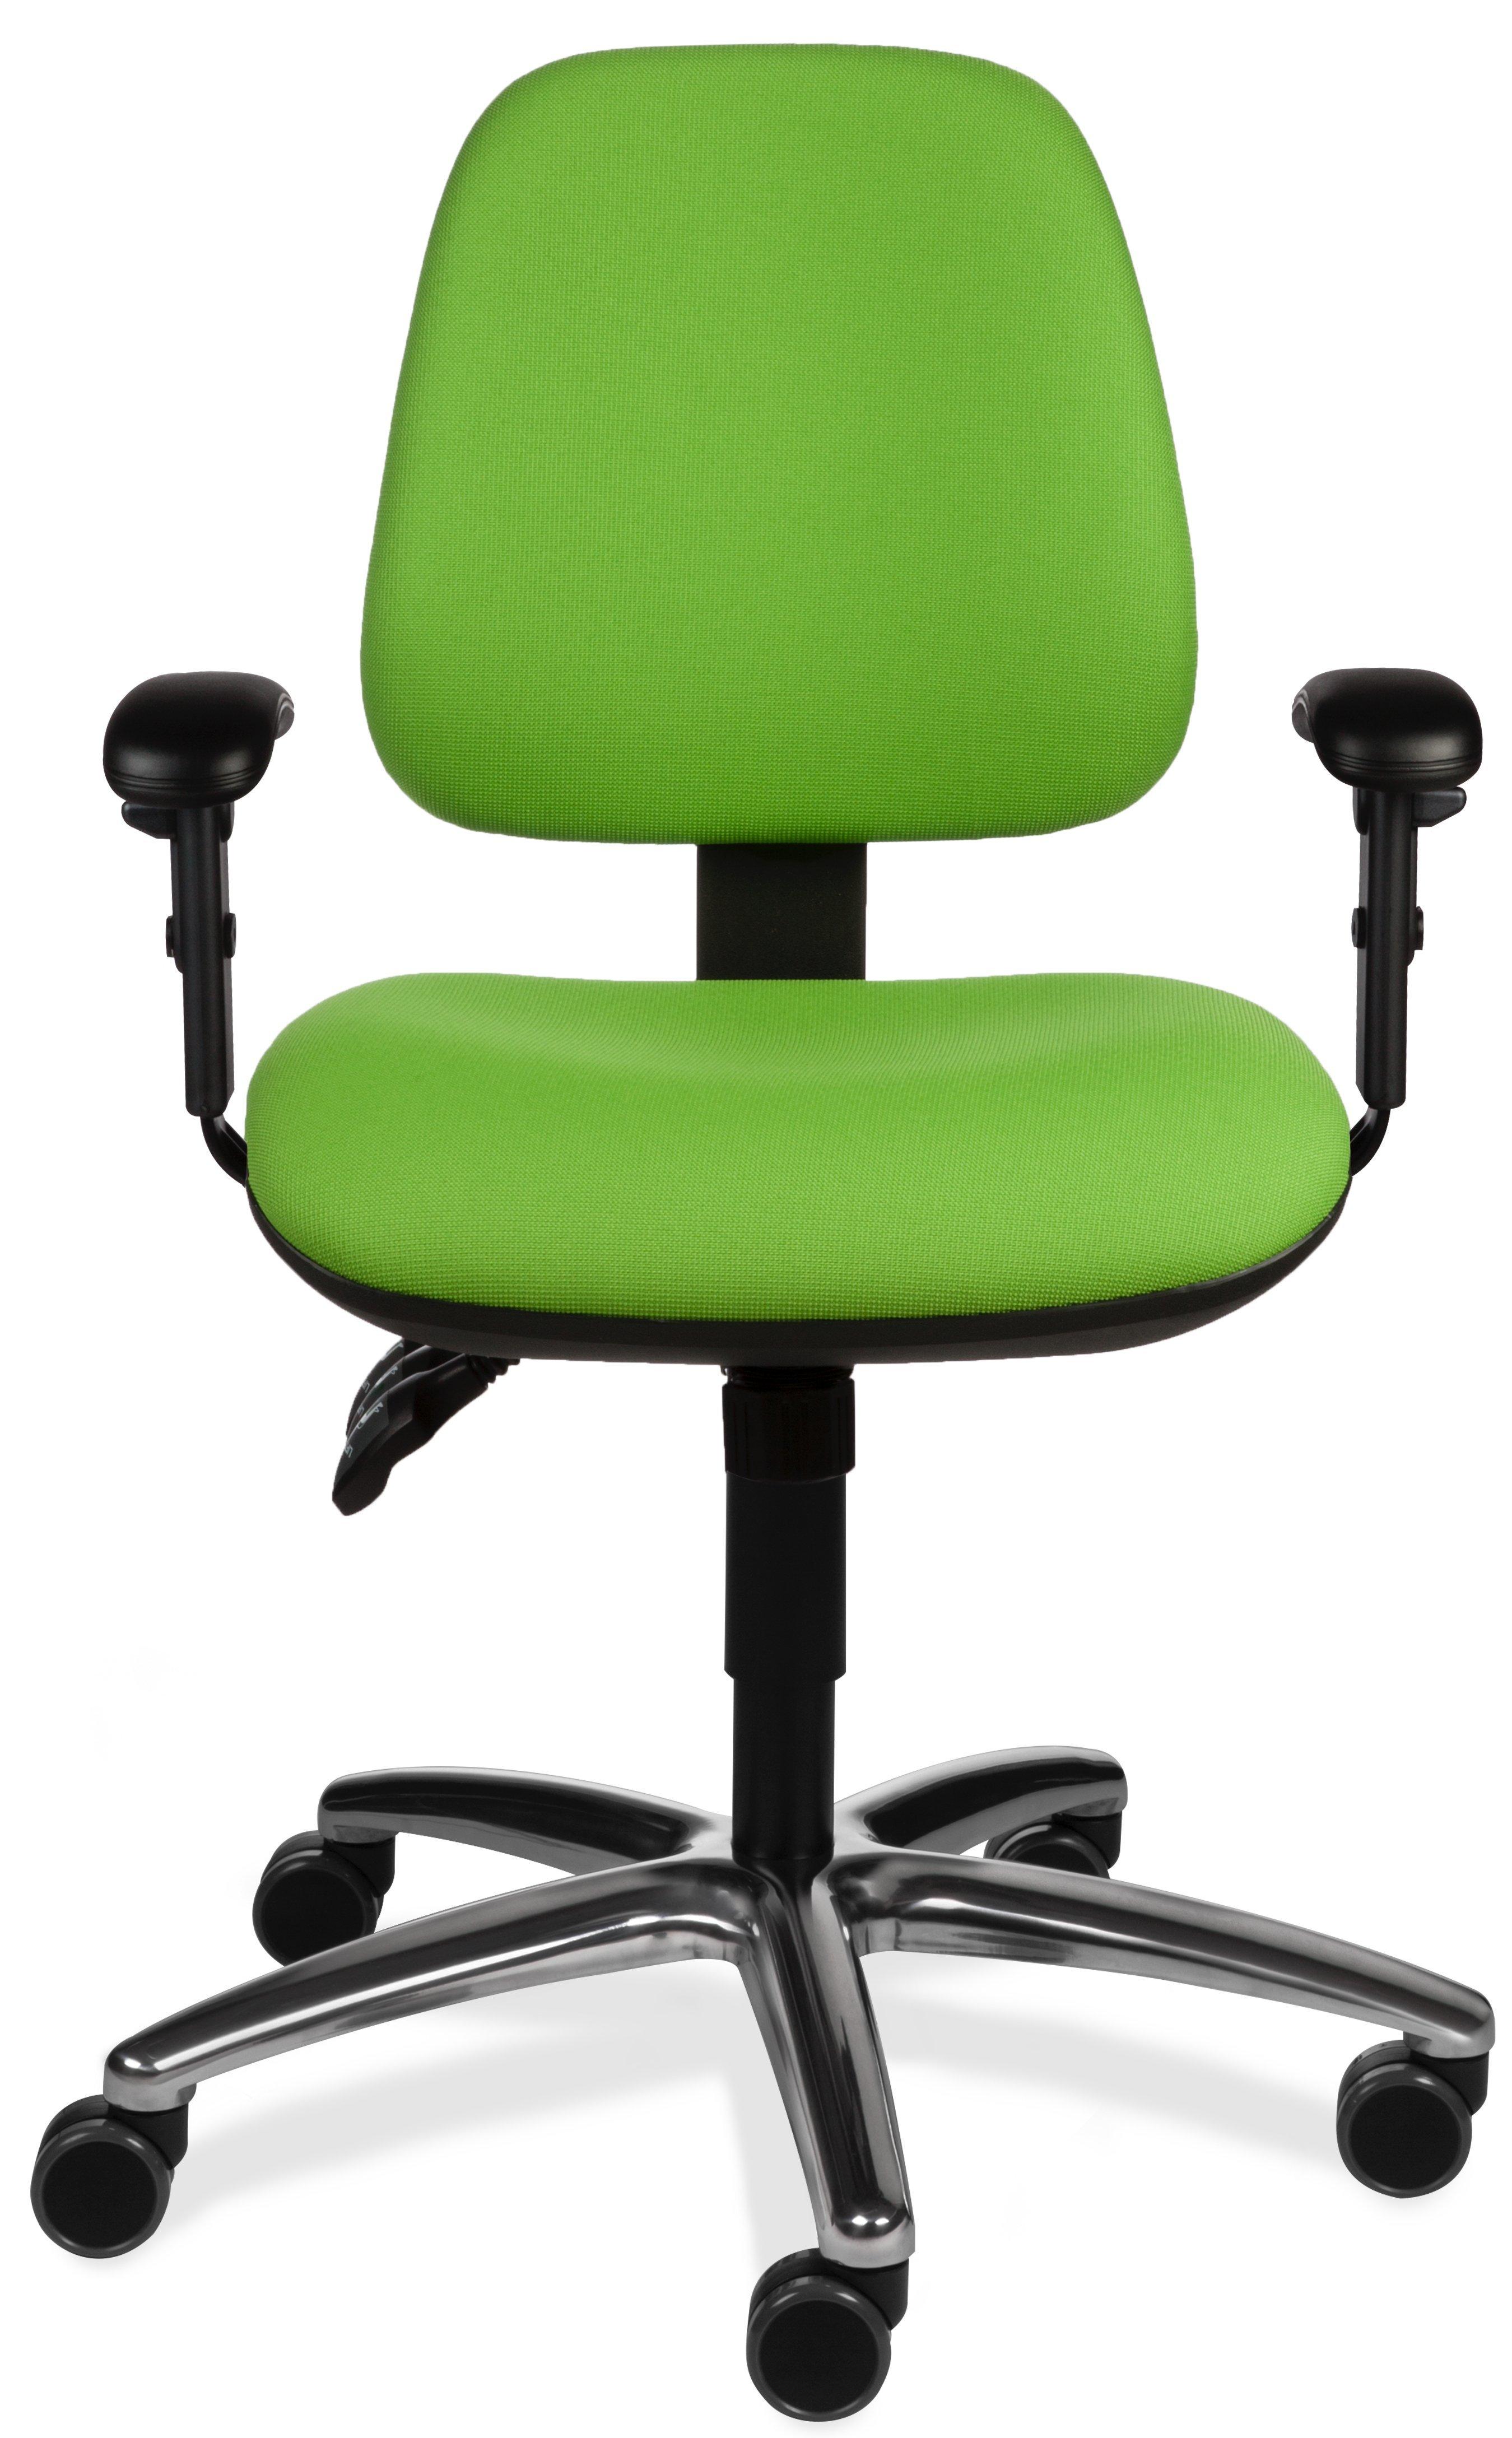 Tex 6510 stof groen